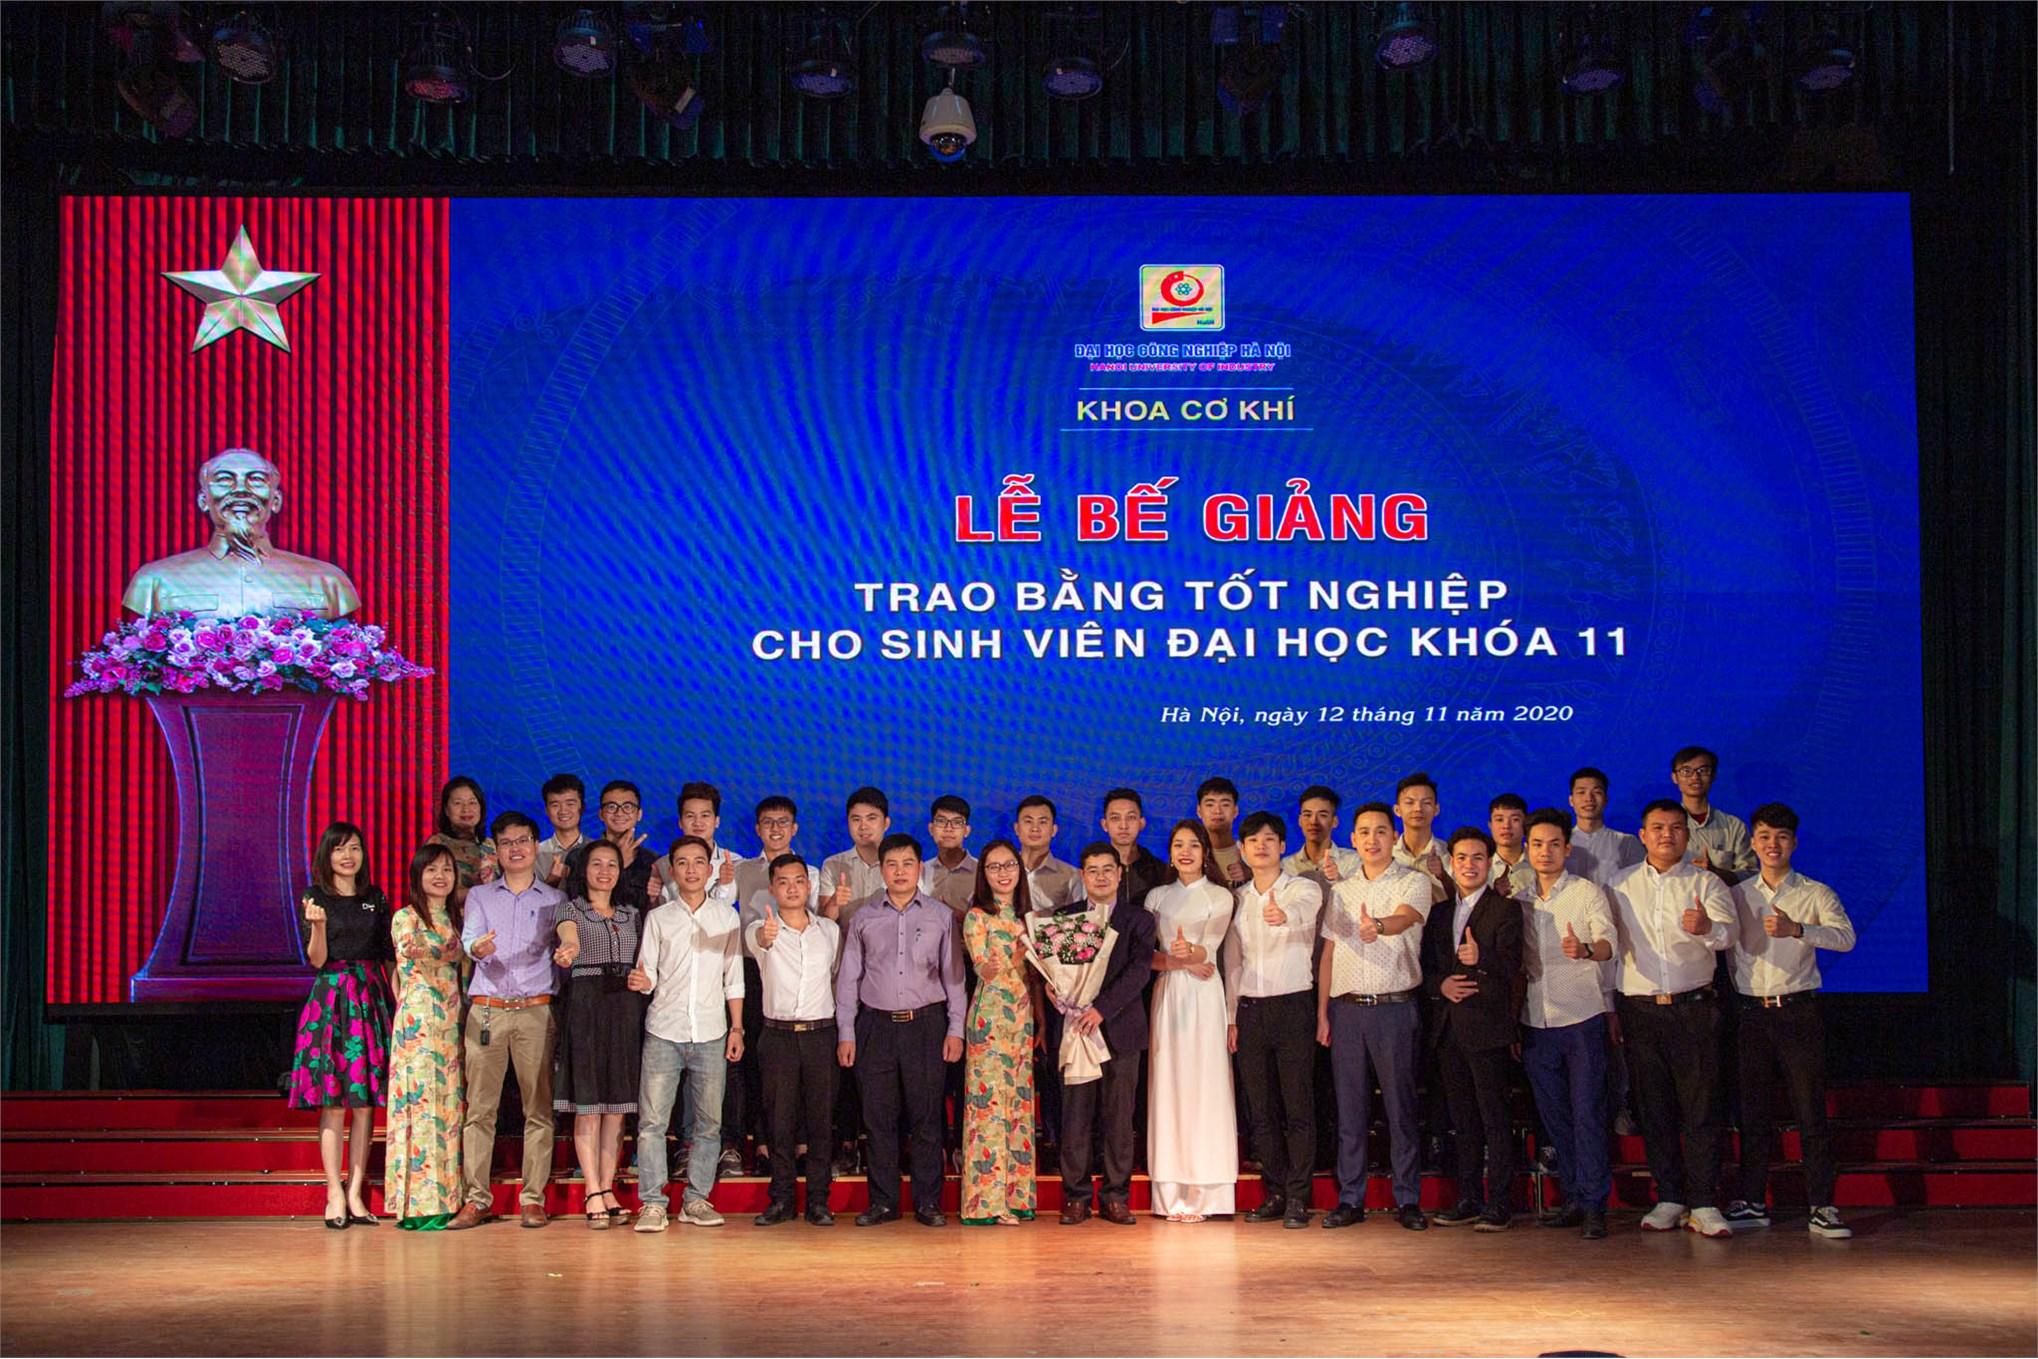 Hơn 300 tân kỹ sư khoa Cơ khí K11 rạng rỡ trong Lễ bế giảng năm 2020